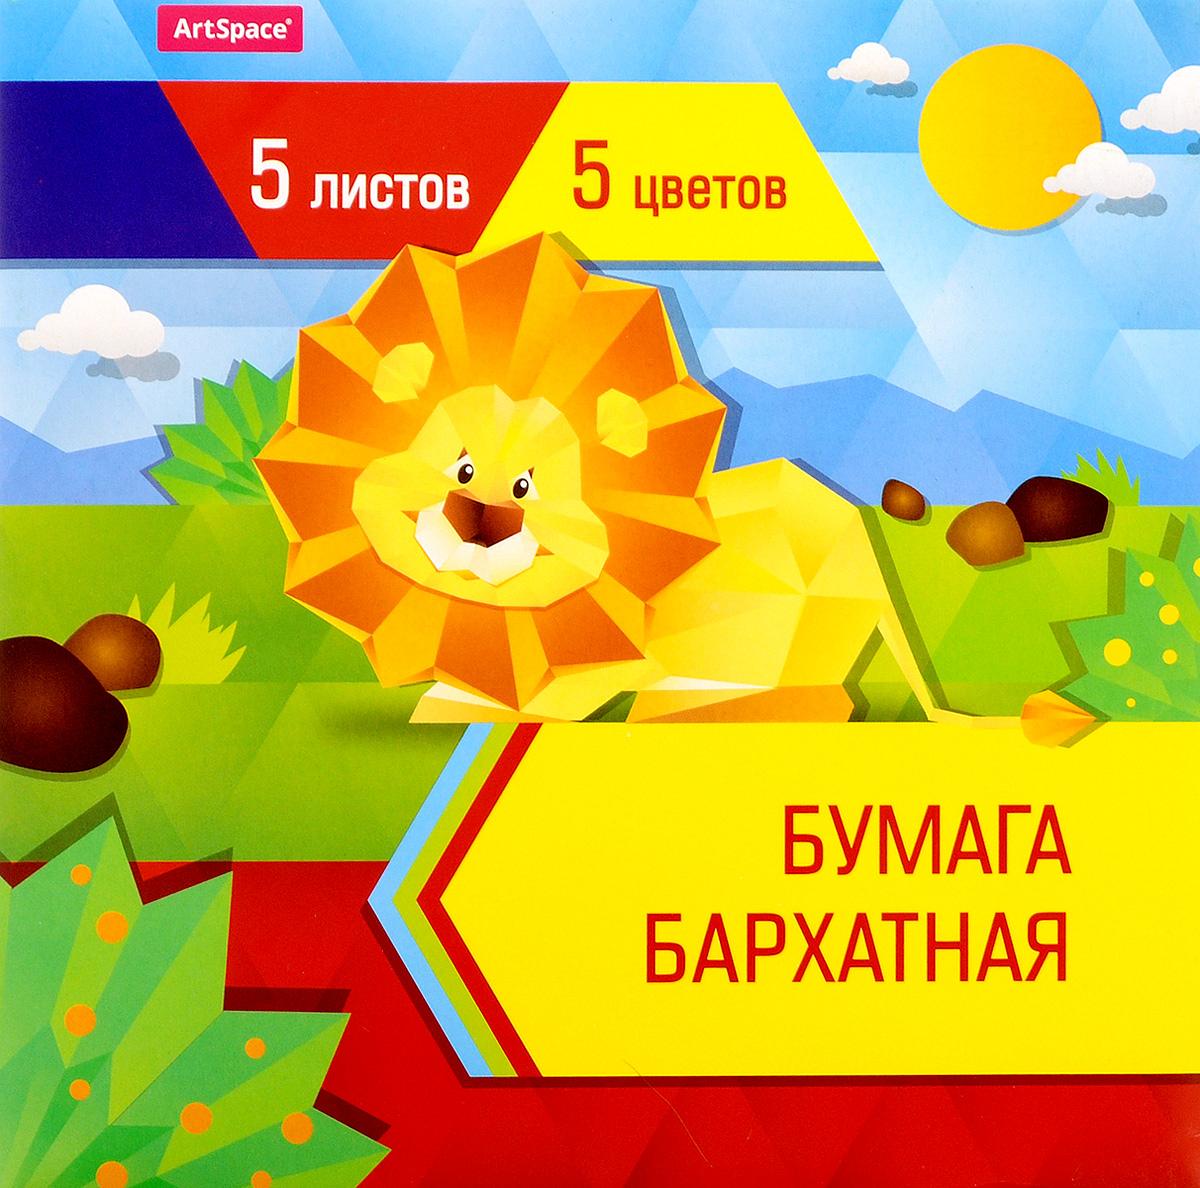 ArtSpace Цветная бумага бархатная 5 листов72523WDБархатная цветная бумага ArtSpace идеально подходит для детского творчества: создания аппликаций, оригами и многого другого.В упаковке 5 листов бархатной бумаги 5 цветов. Бумага упакована в картонную папку.Детские аппликации из цветной бумаги - отличное занятие для развития творческих способностей и познавательной деятельности малыша, а также хороший способ самовыражения ребенка.